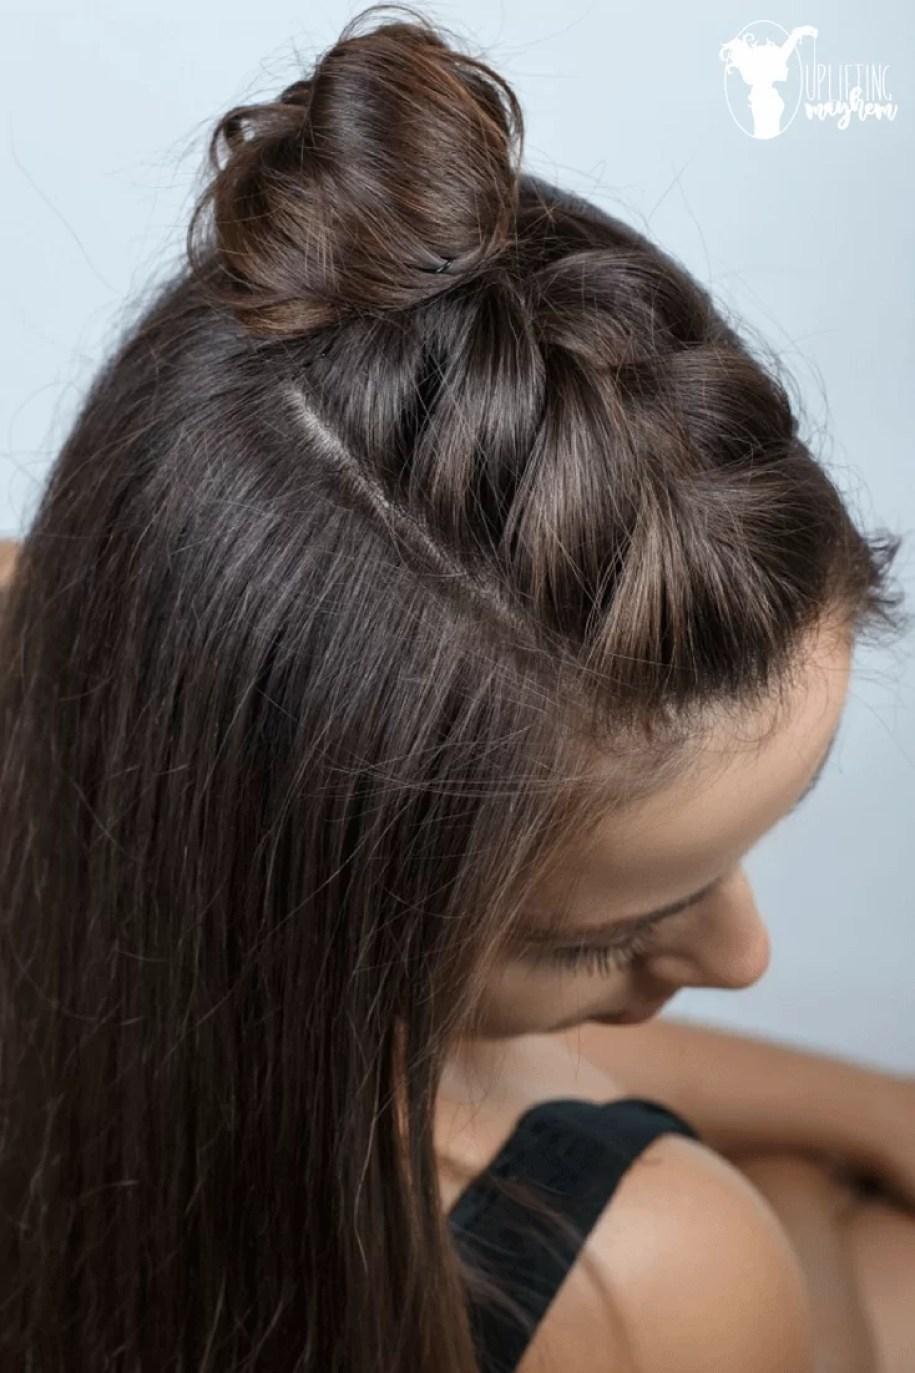 Easy Half Braid Hairstyle Tutorial - Video Hairstyle Tutorial